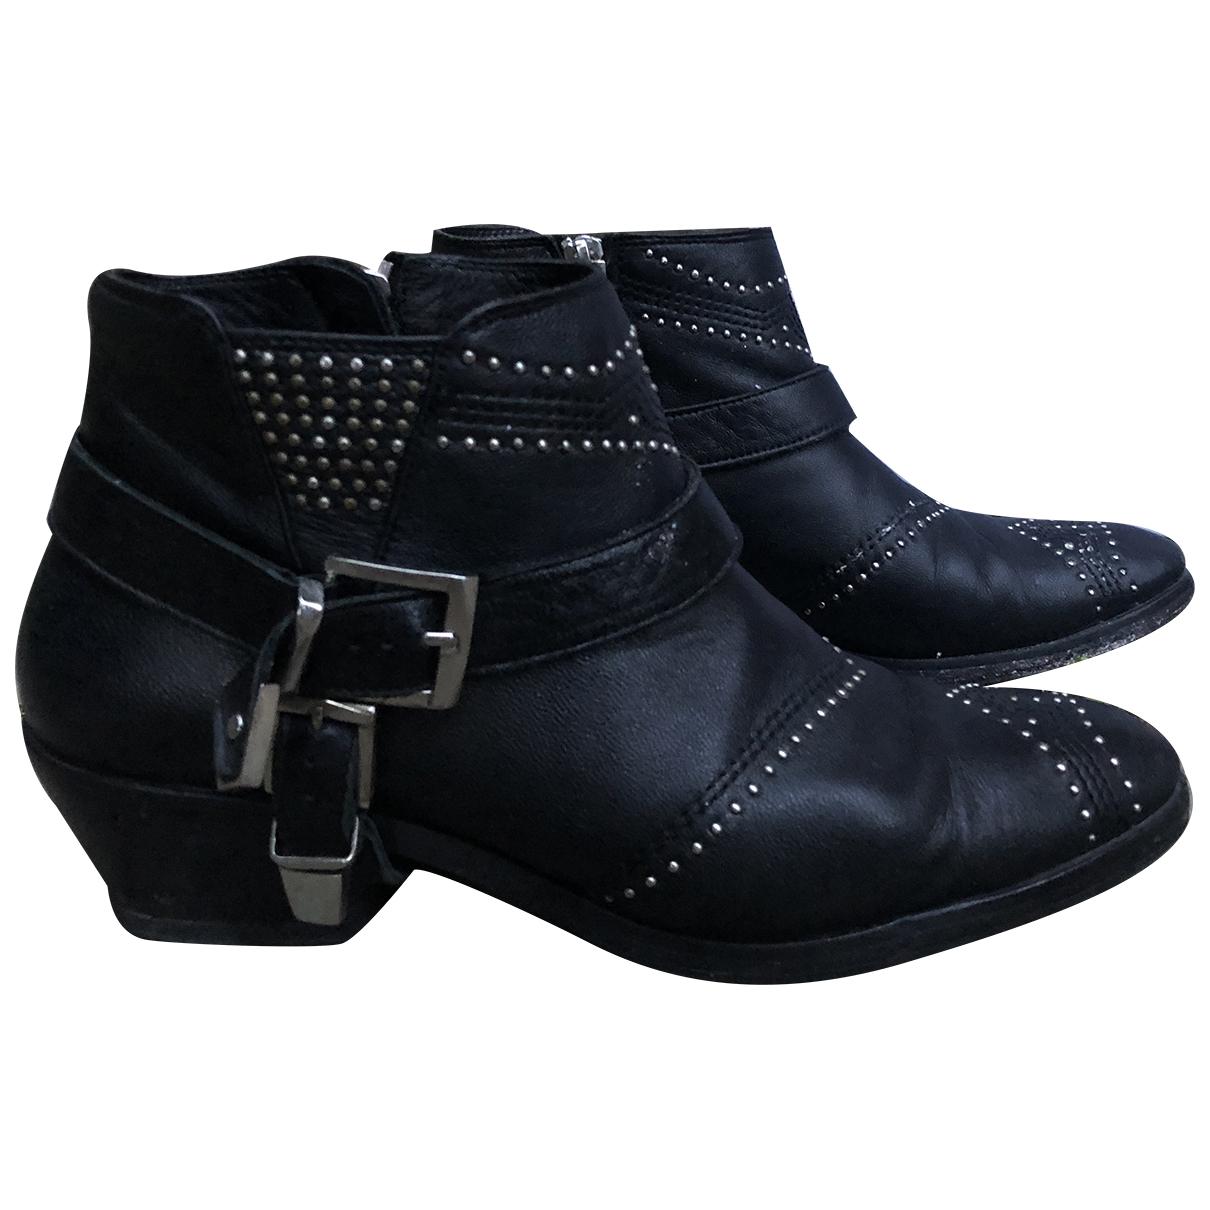 Anine Bing - Boots   pour femme en cuir - noir